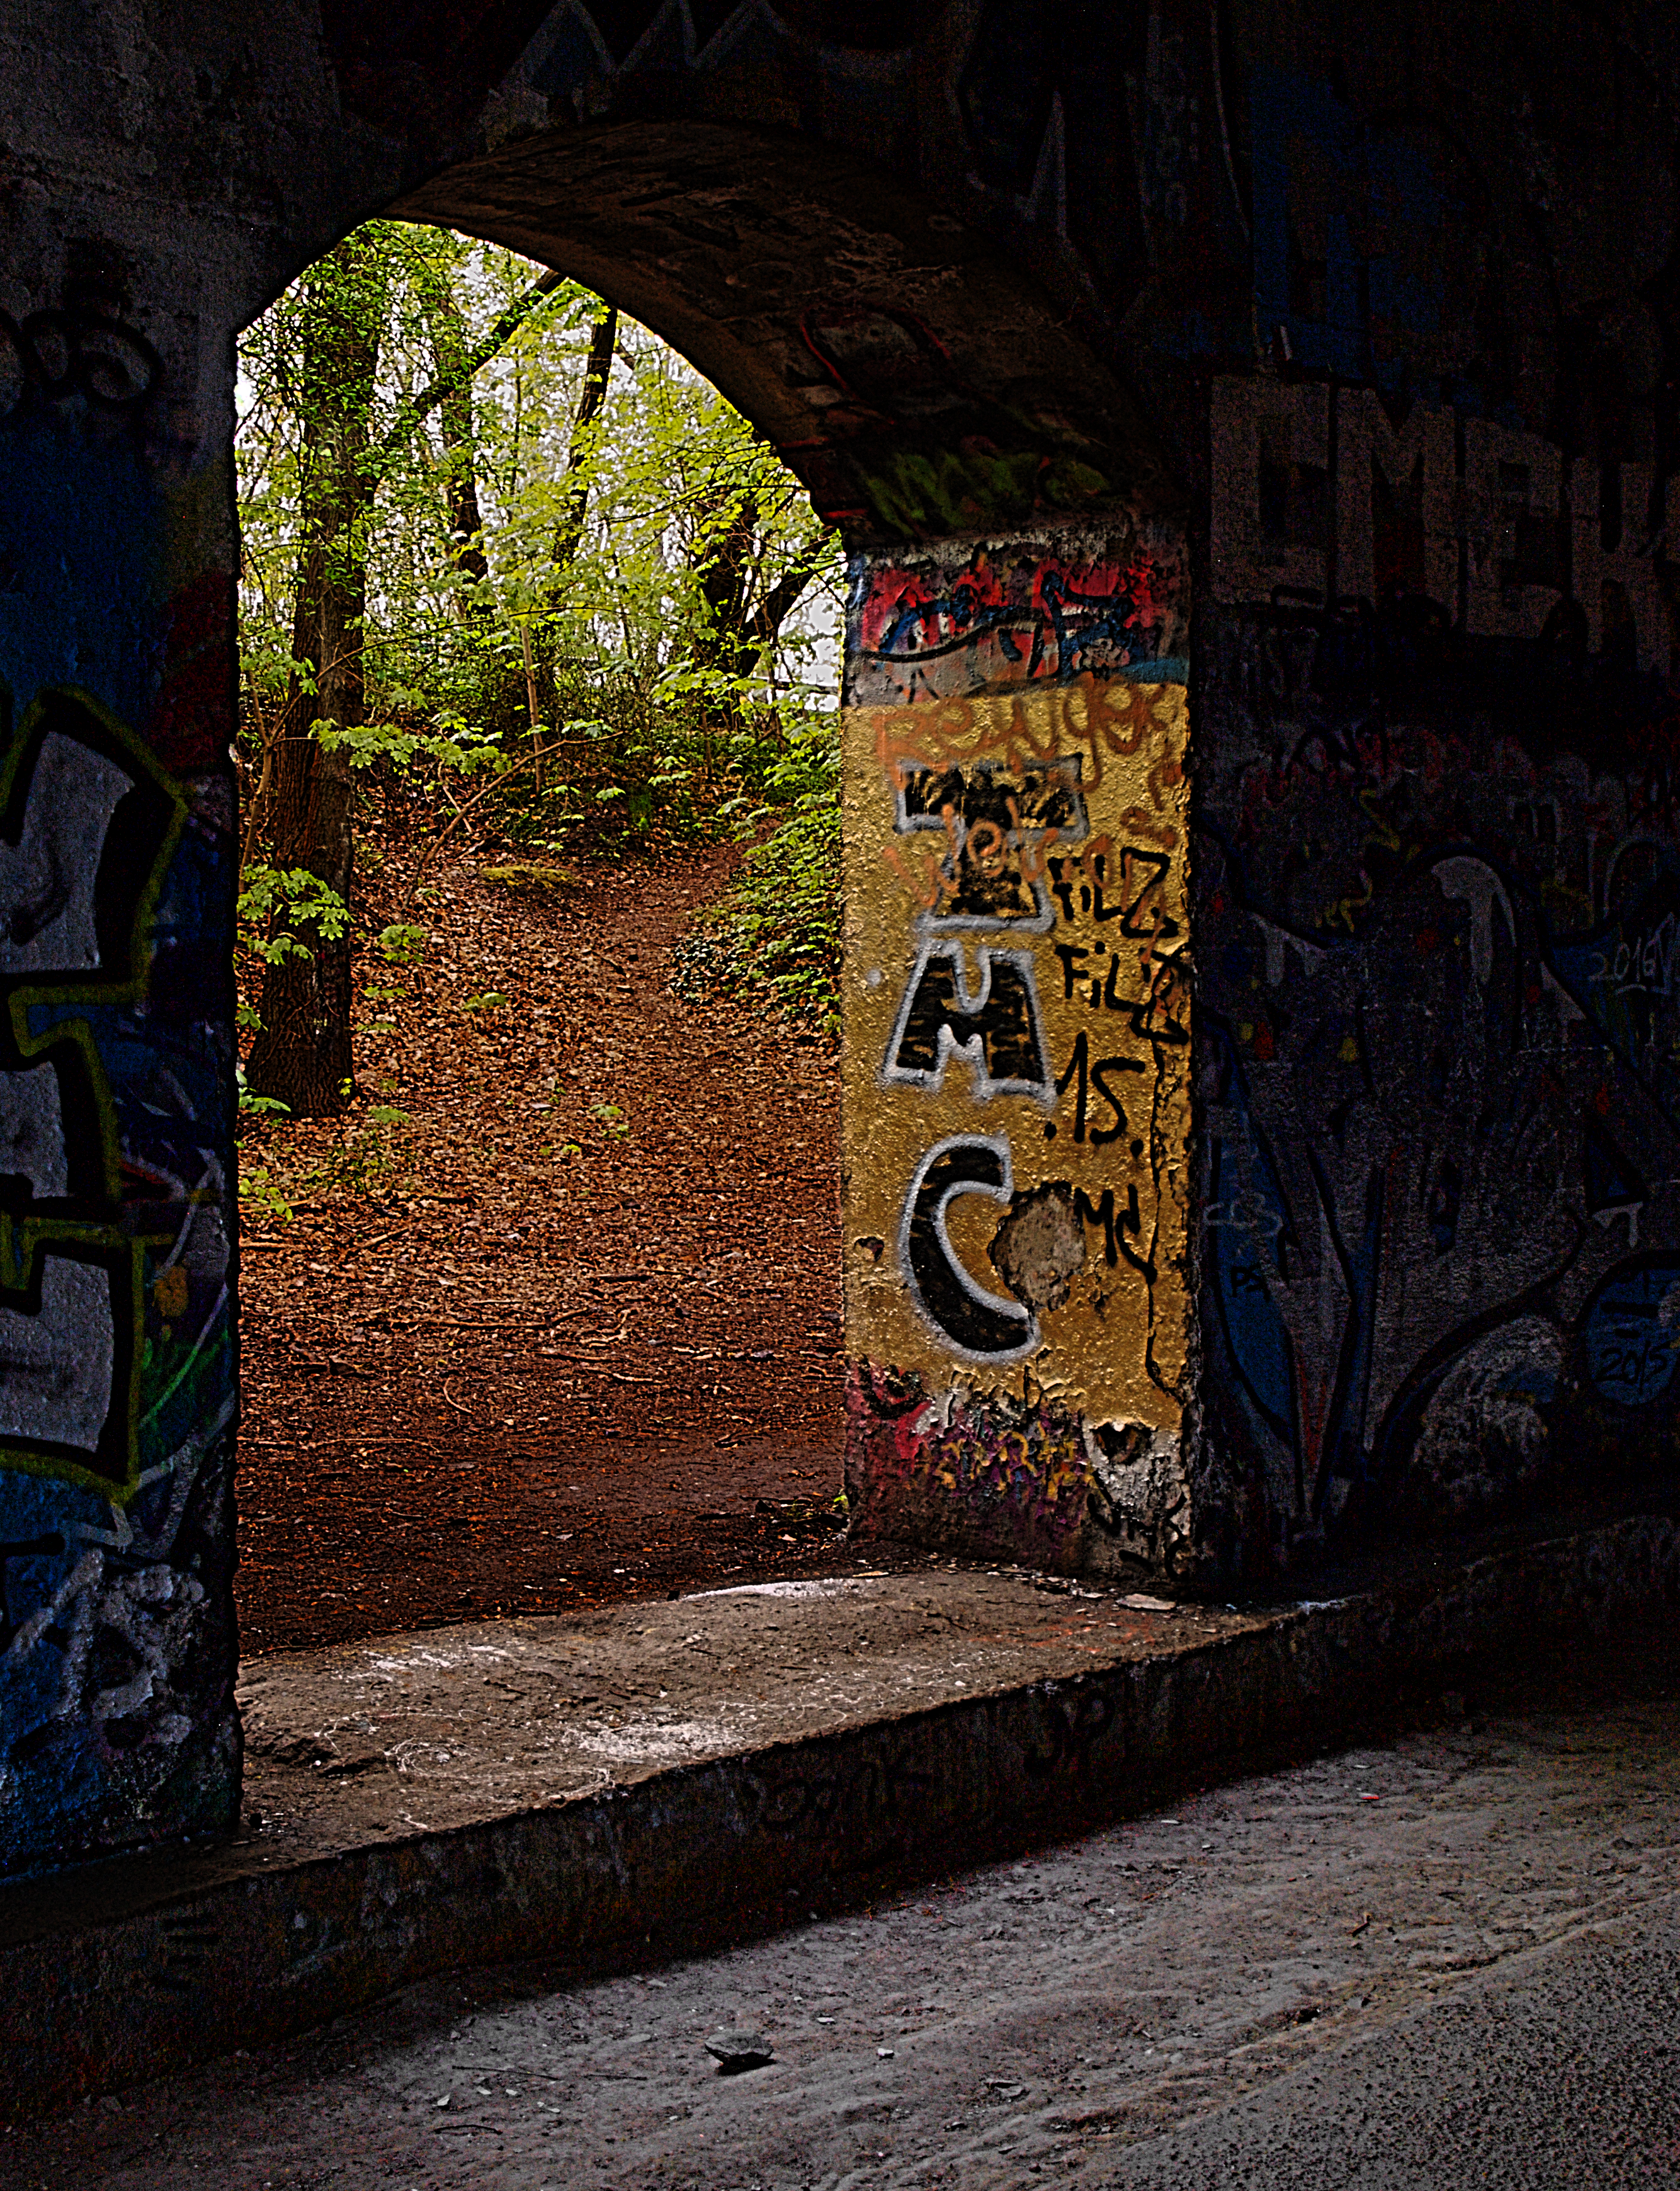 Filegraffiti tunnel park schoeneberger suedgelände stuetzbogen png